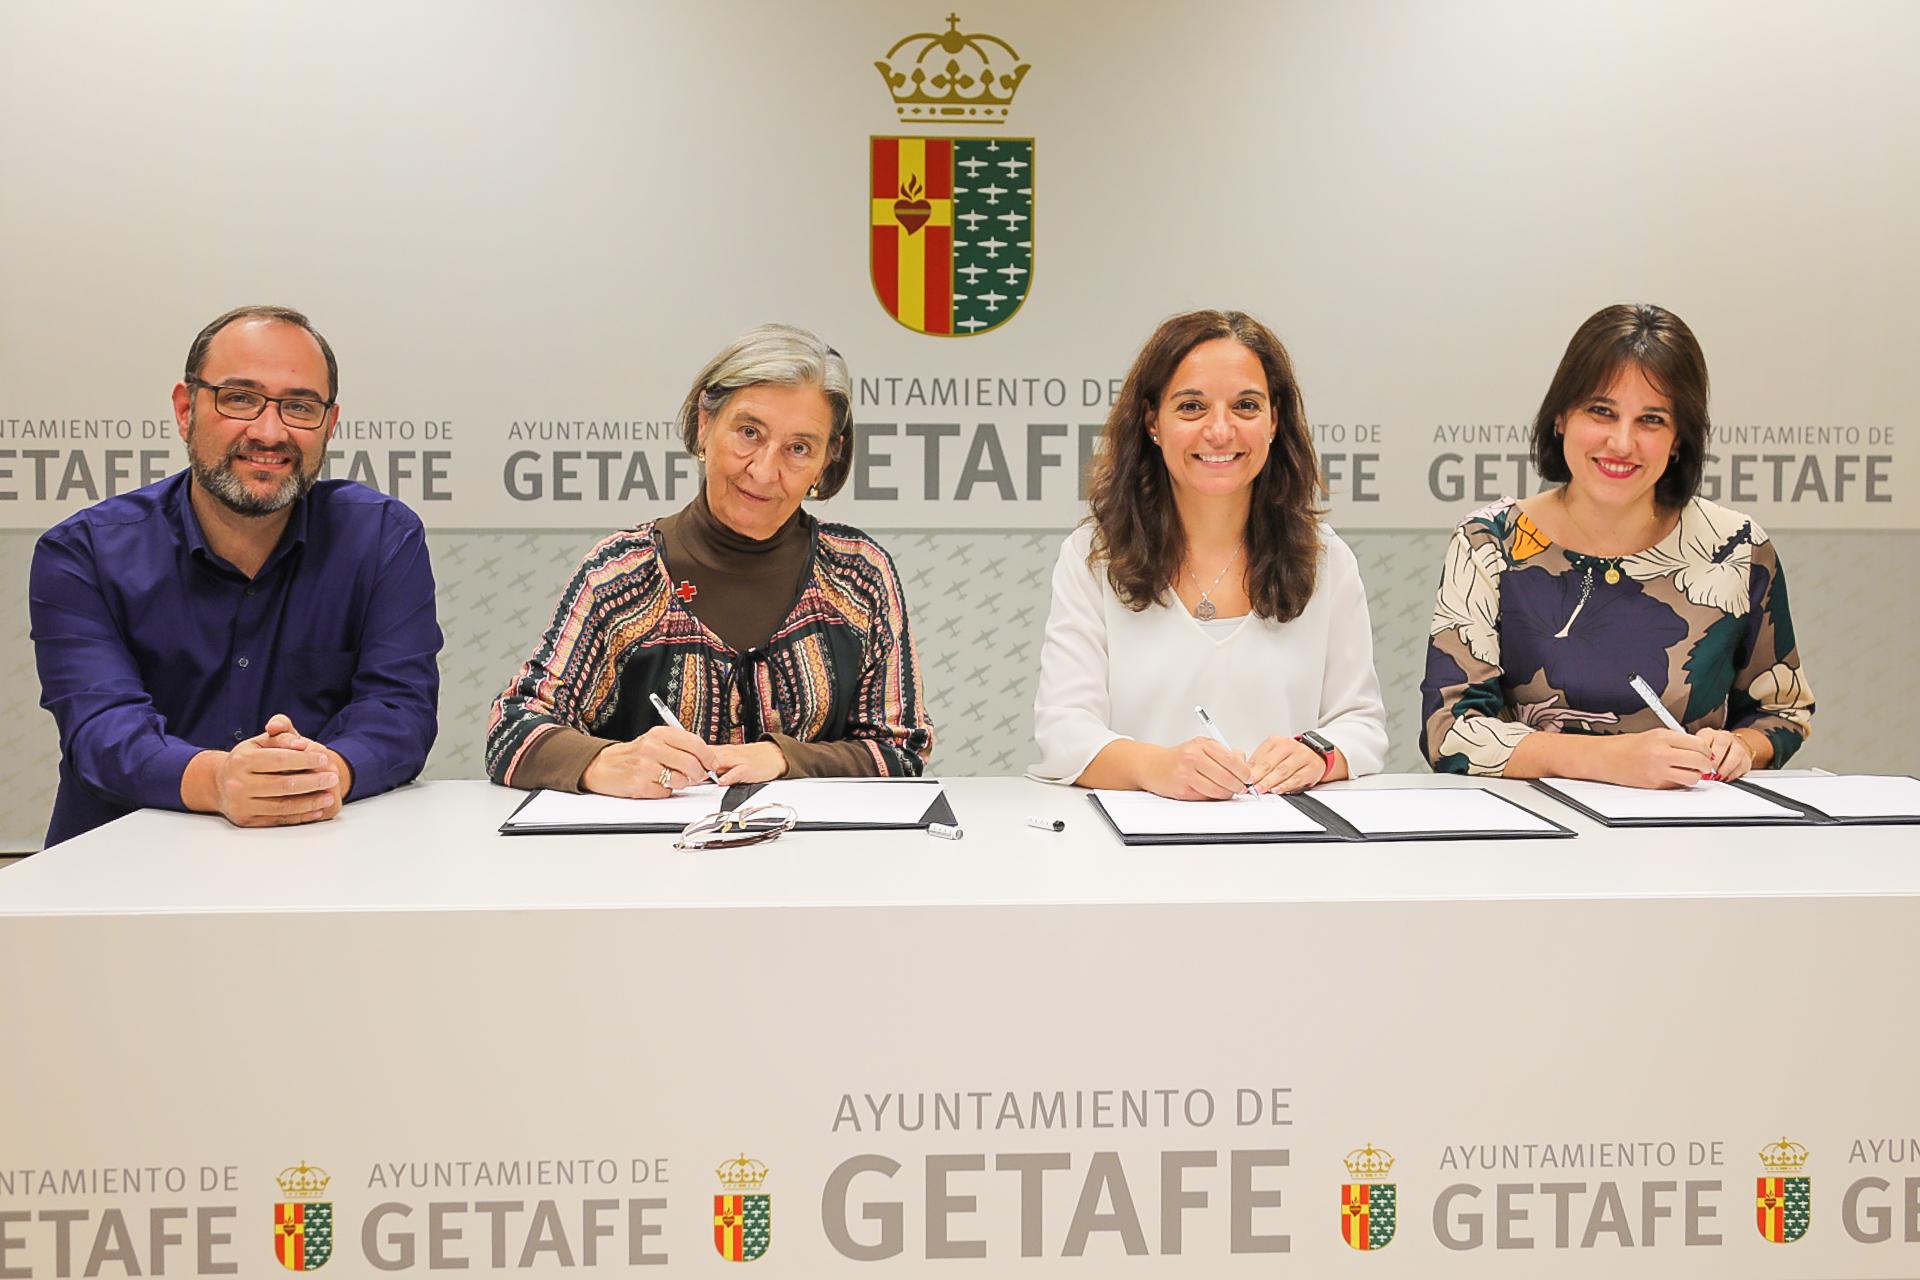 Se renueva el convenio entre Cruz Roja y el Ayuntamiento de Getafe con el fin de desarrollar proyectos y actividades sociales.